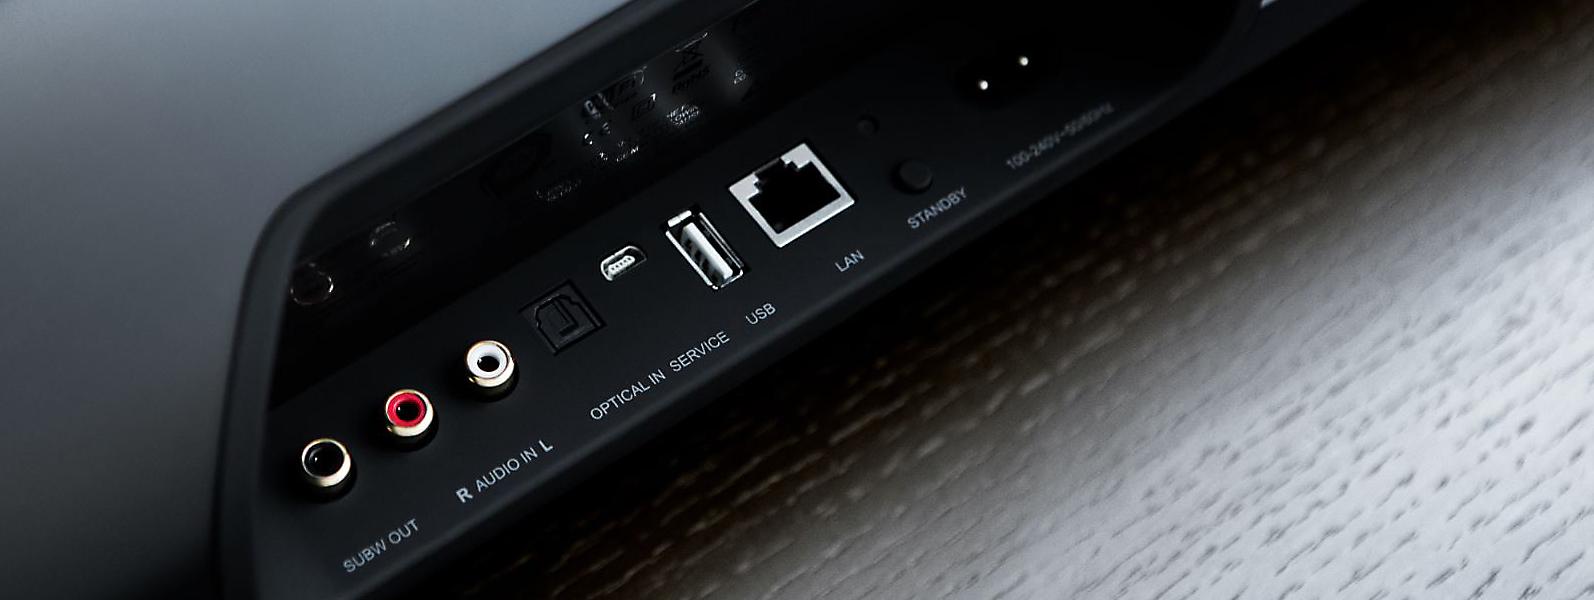 barre de son tv 120 watts et enceinte sans fil wifi bluetooth et audio hd. Black Bedroom Furniture Sets. Home Design Ideas